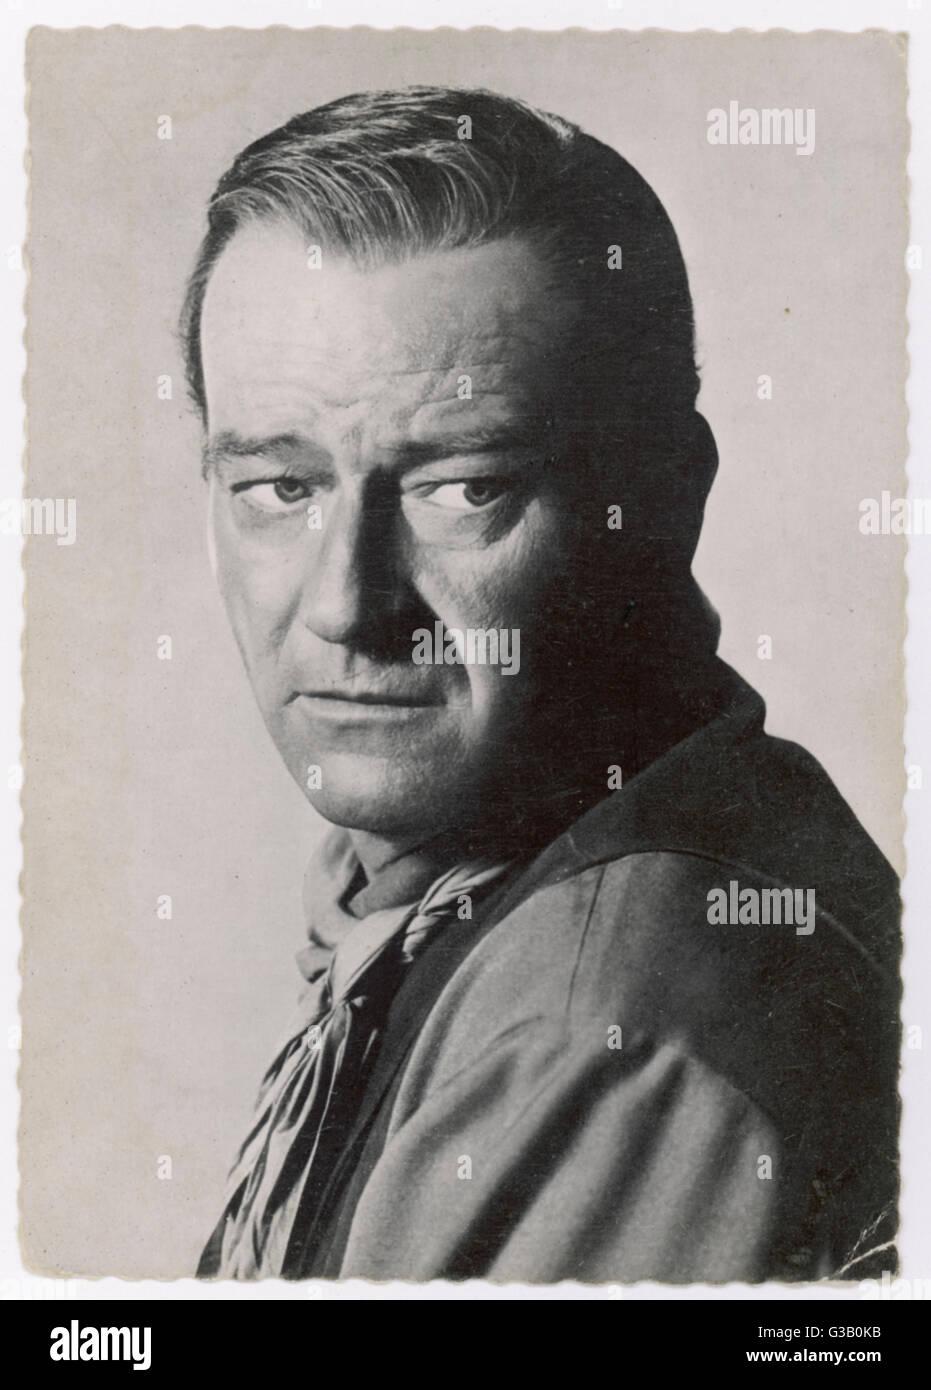 John Wayne (1907-1979) American film actor - Stock Image